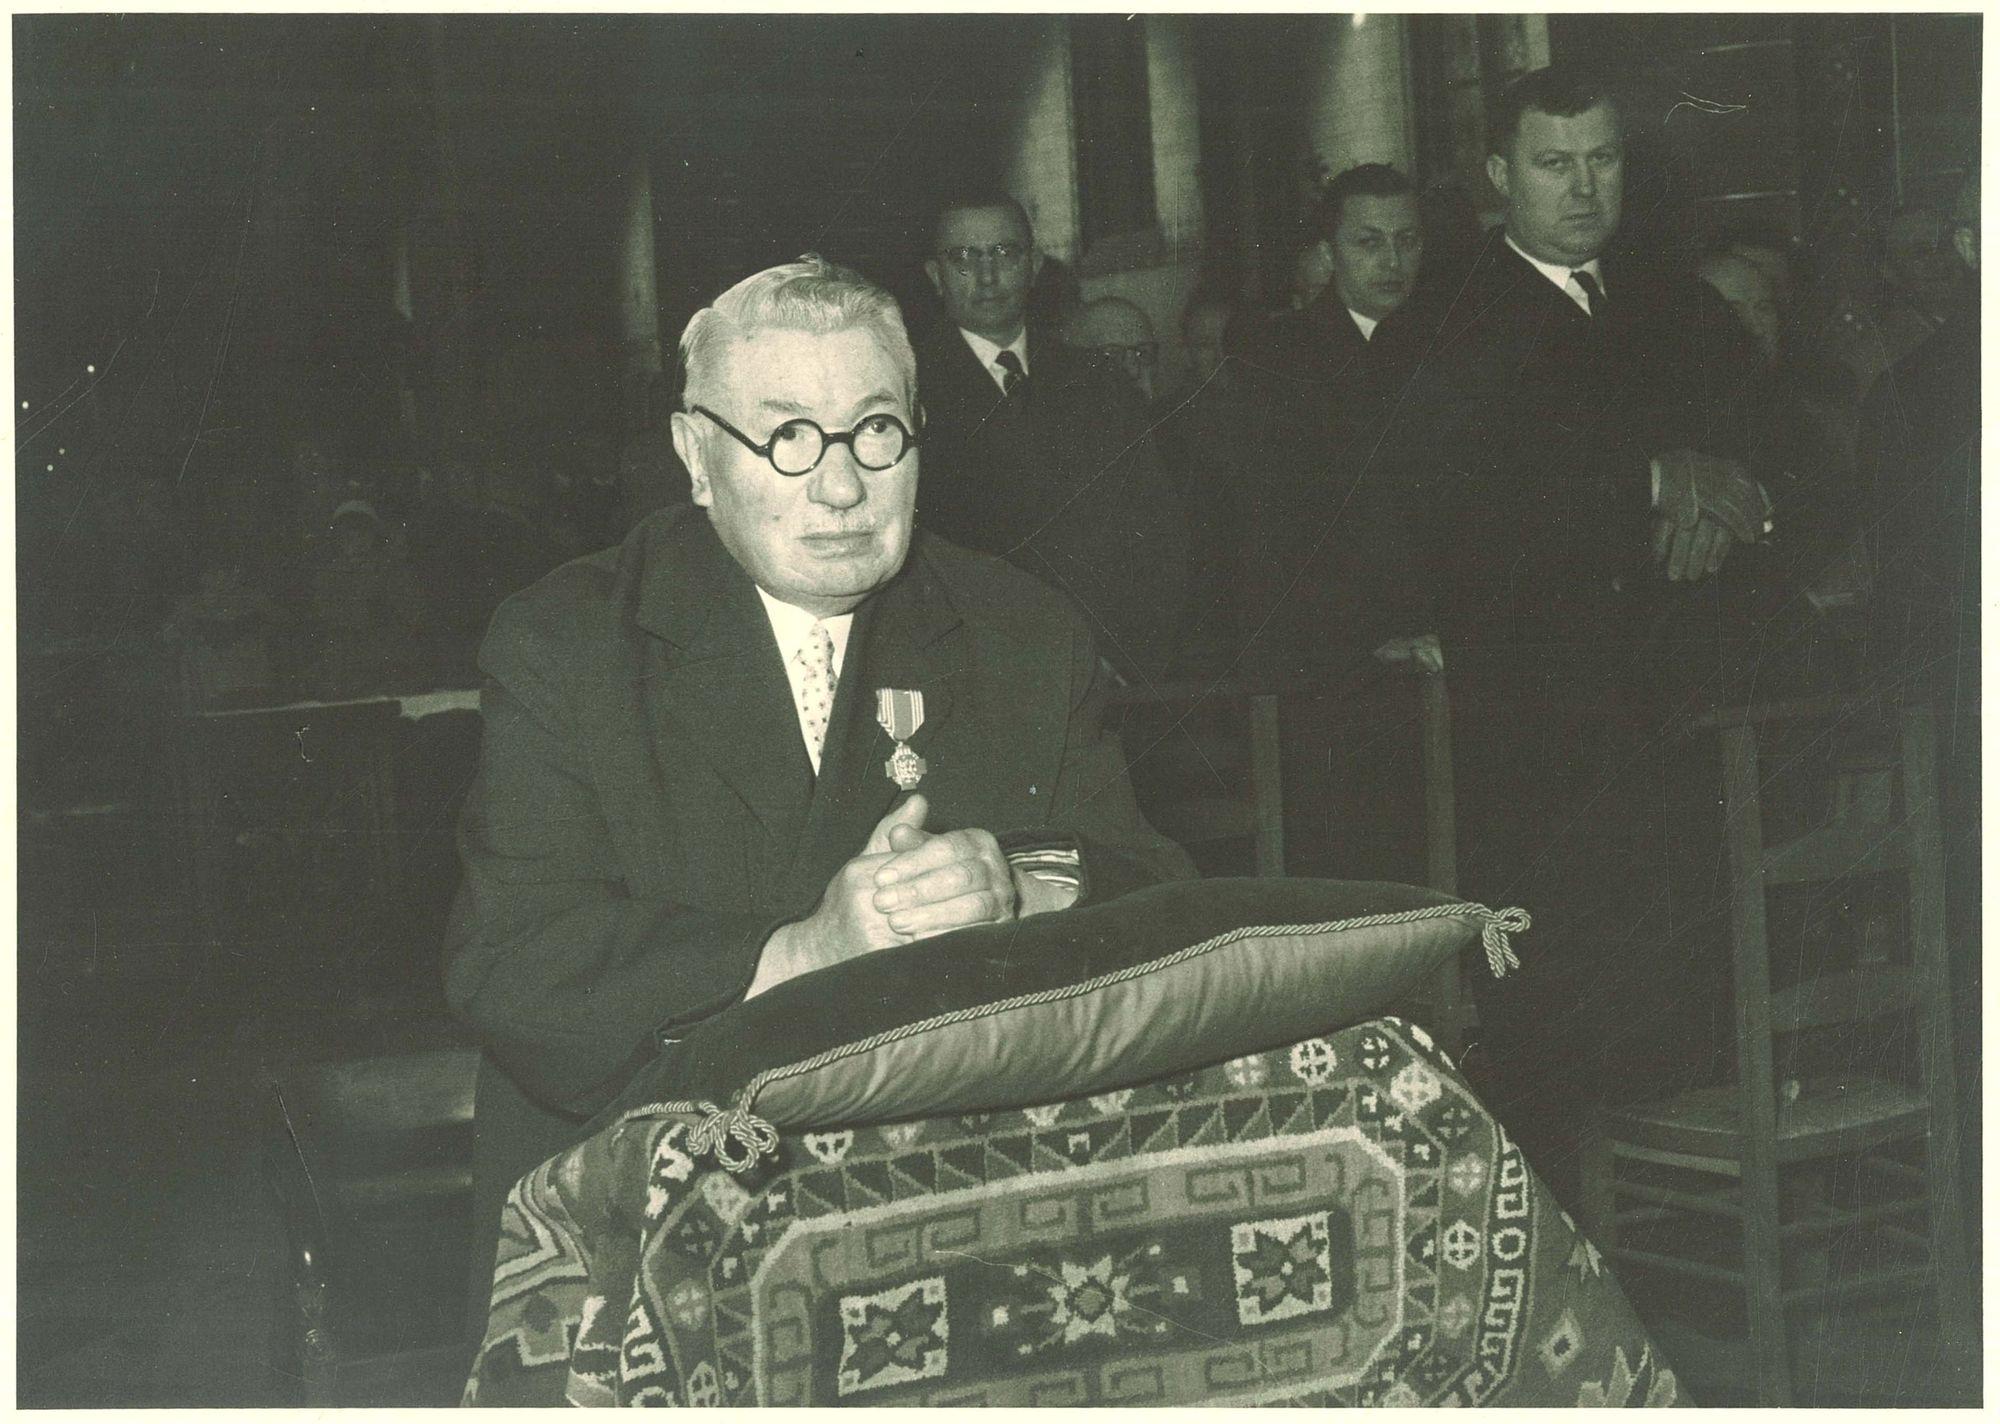 Toekenning van een onderscheidingsteken aan Albert De Caluwé